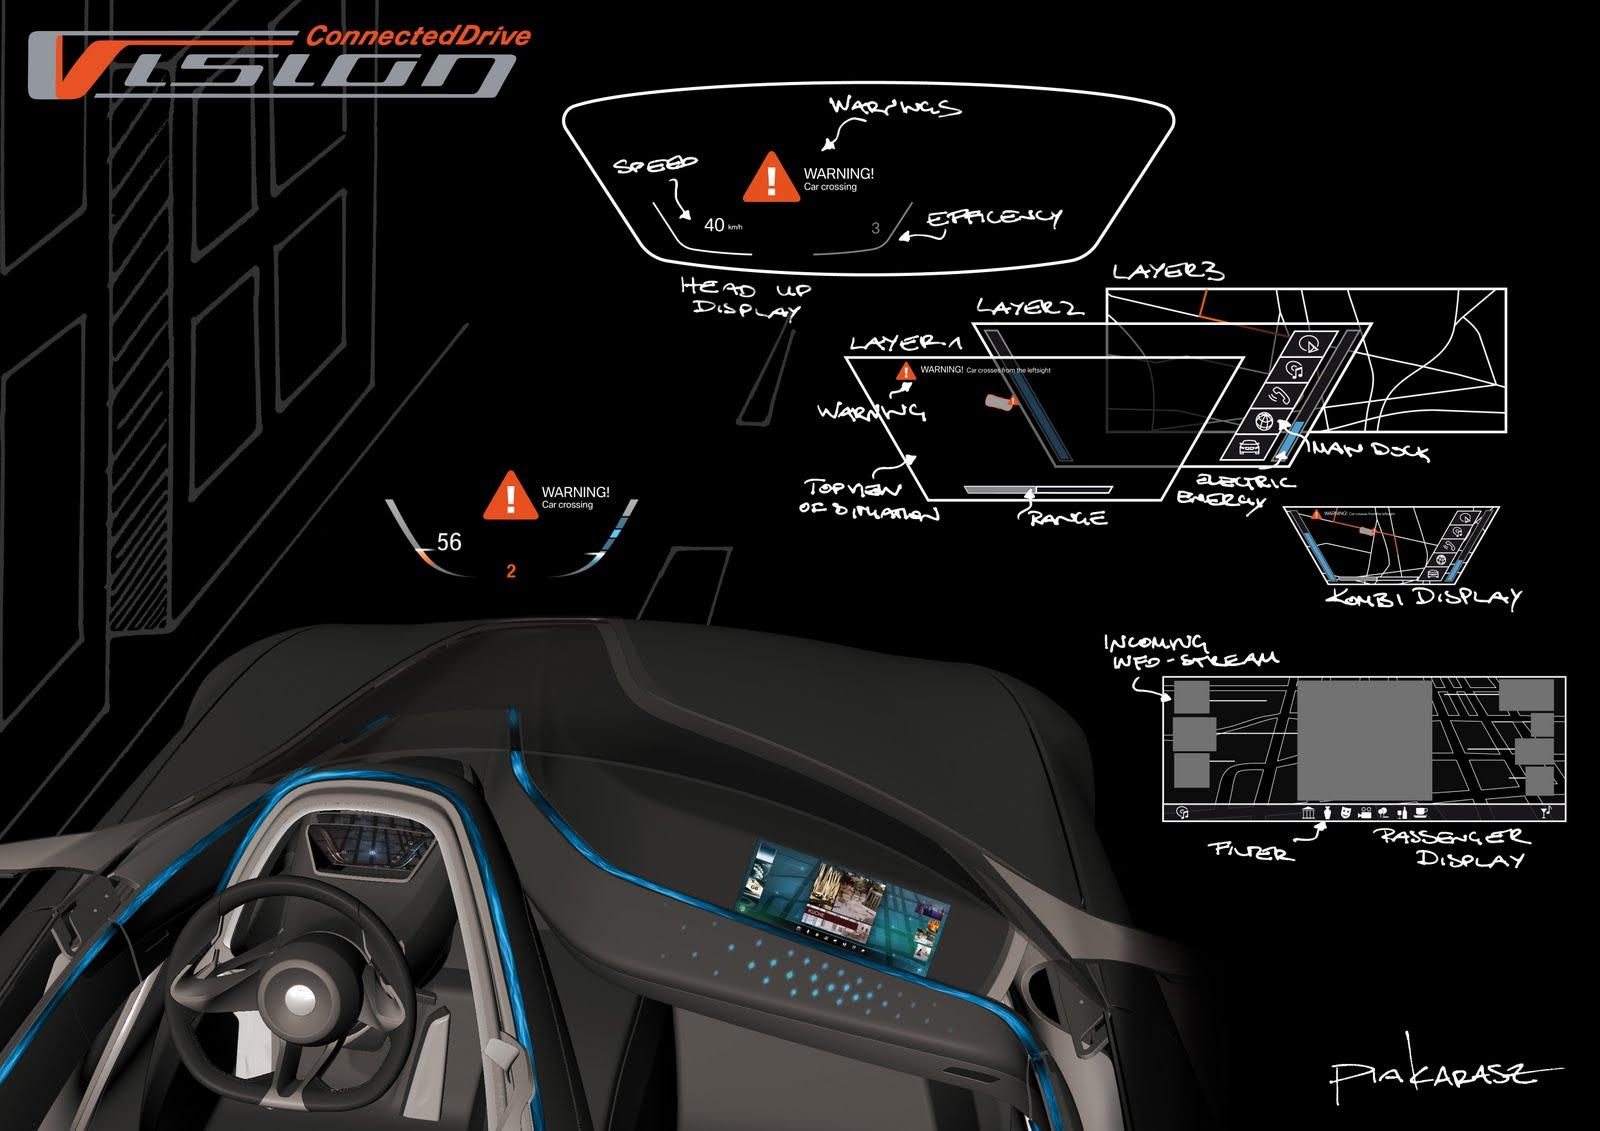 voiture communicante vision connected drive le v hicule connect du futur selon bmw. Black Bedroom Furniture Sets. Home Design Ideas